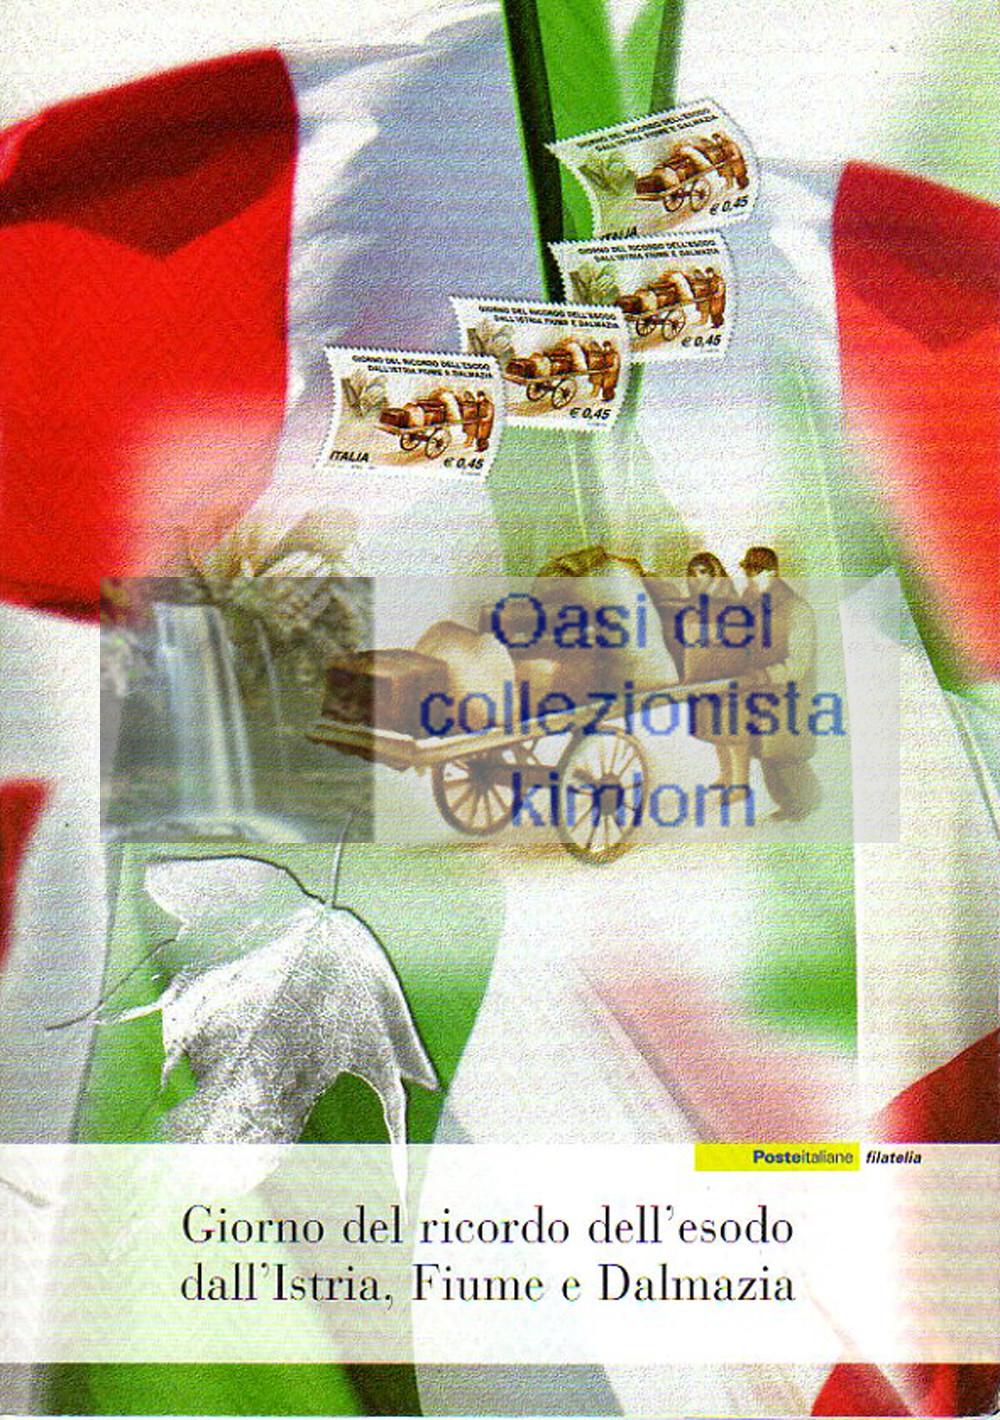 folder - Giorno del ricordo dell'esodo dall'Istria, Fiume e Dalmazia